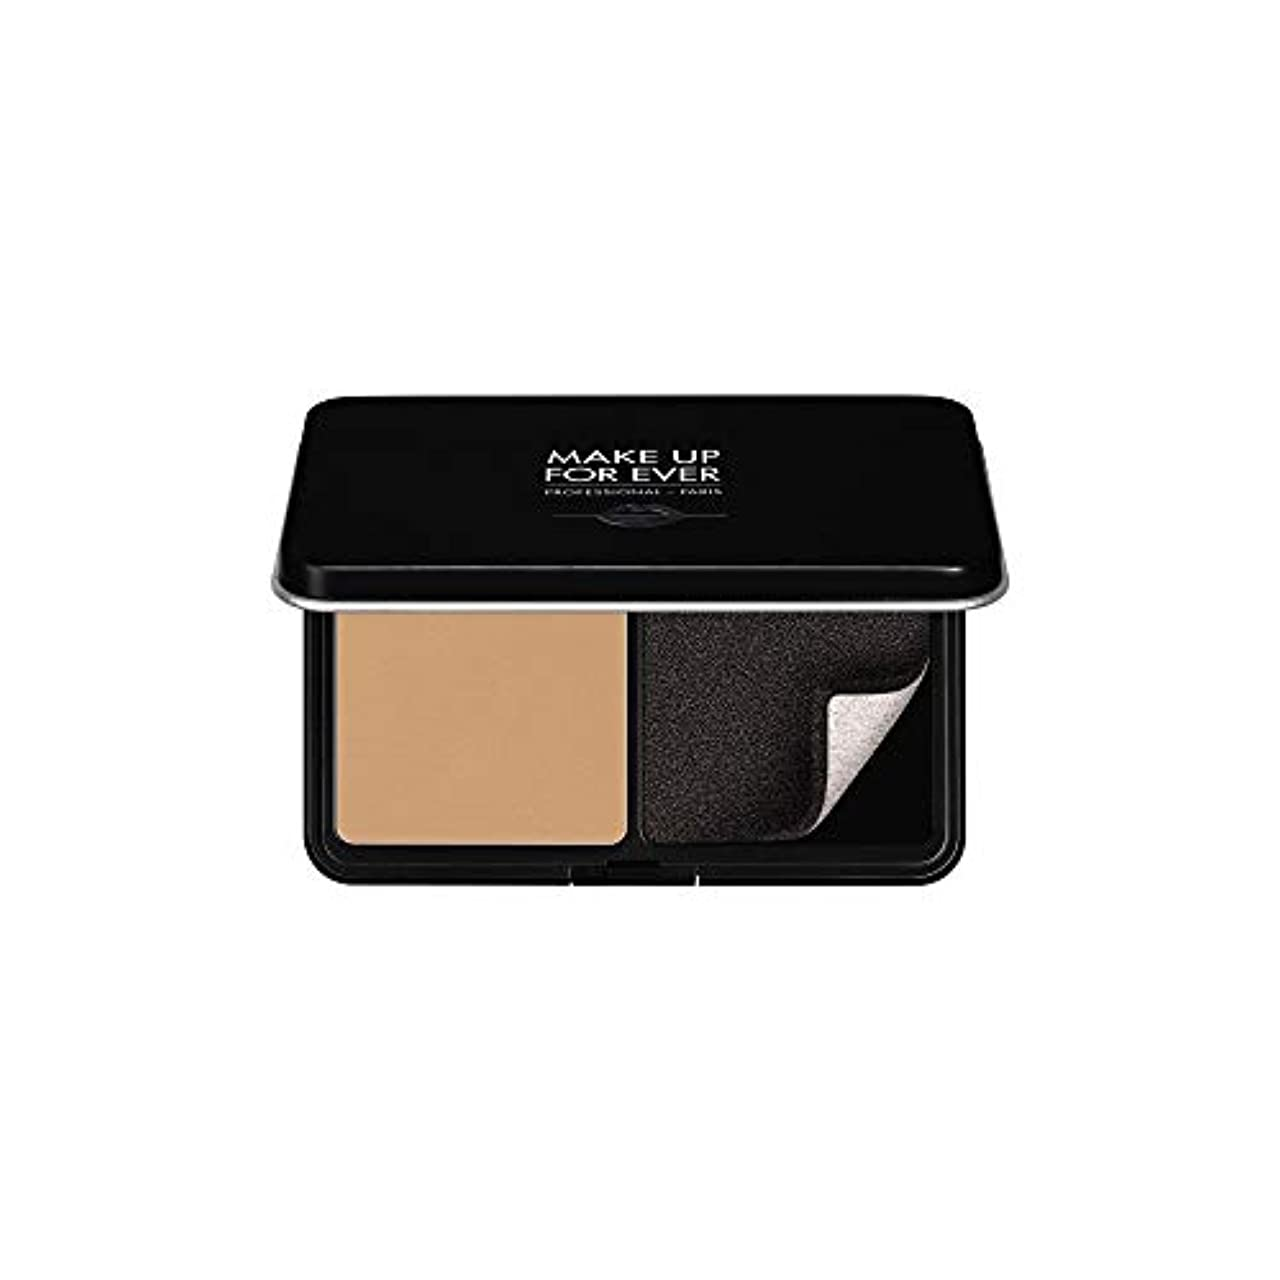 電圧気難しい委員会メイクアップフォーエバー Matte Velvet Skin Blurring Powder Foundation - # Y315 (Sand) 11g/0.38oz並行輸入品